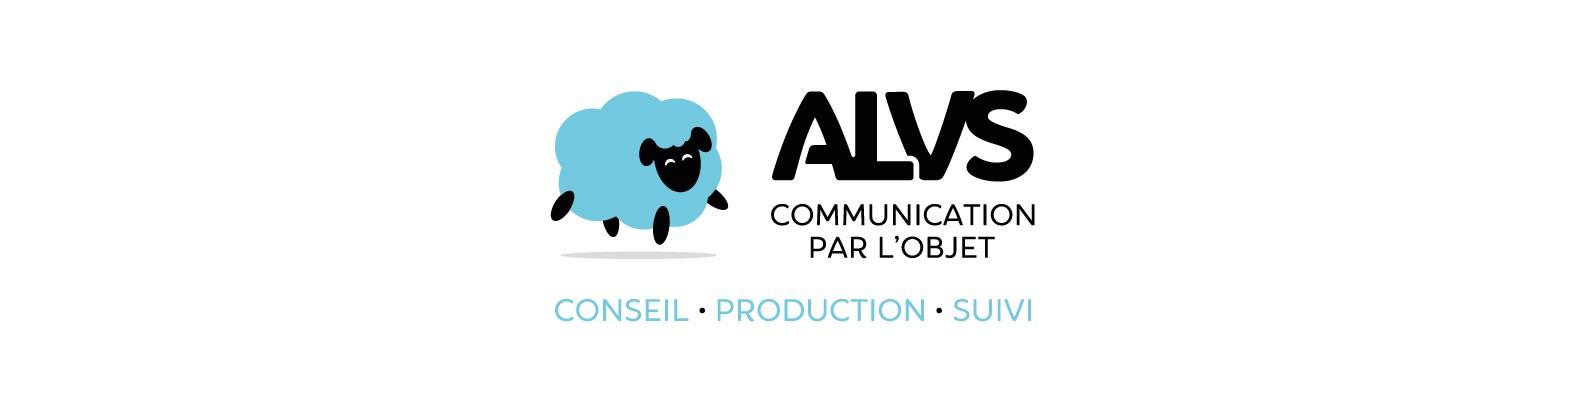 Alvs Communication Par L Objet Linkedin